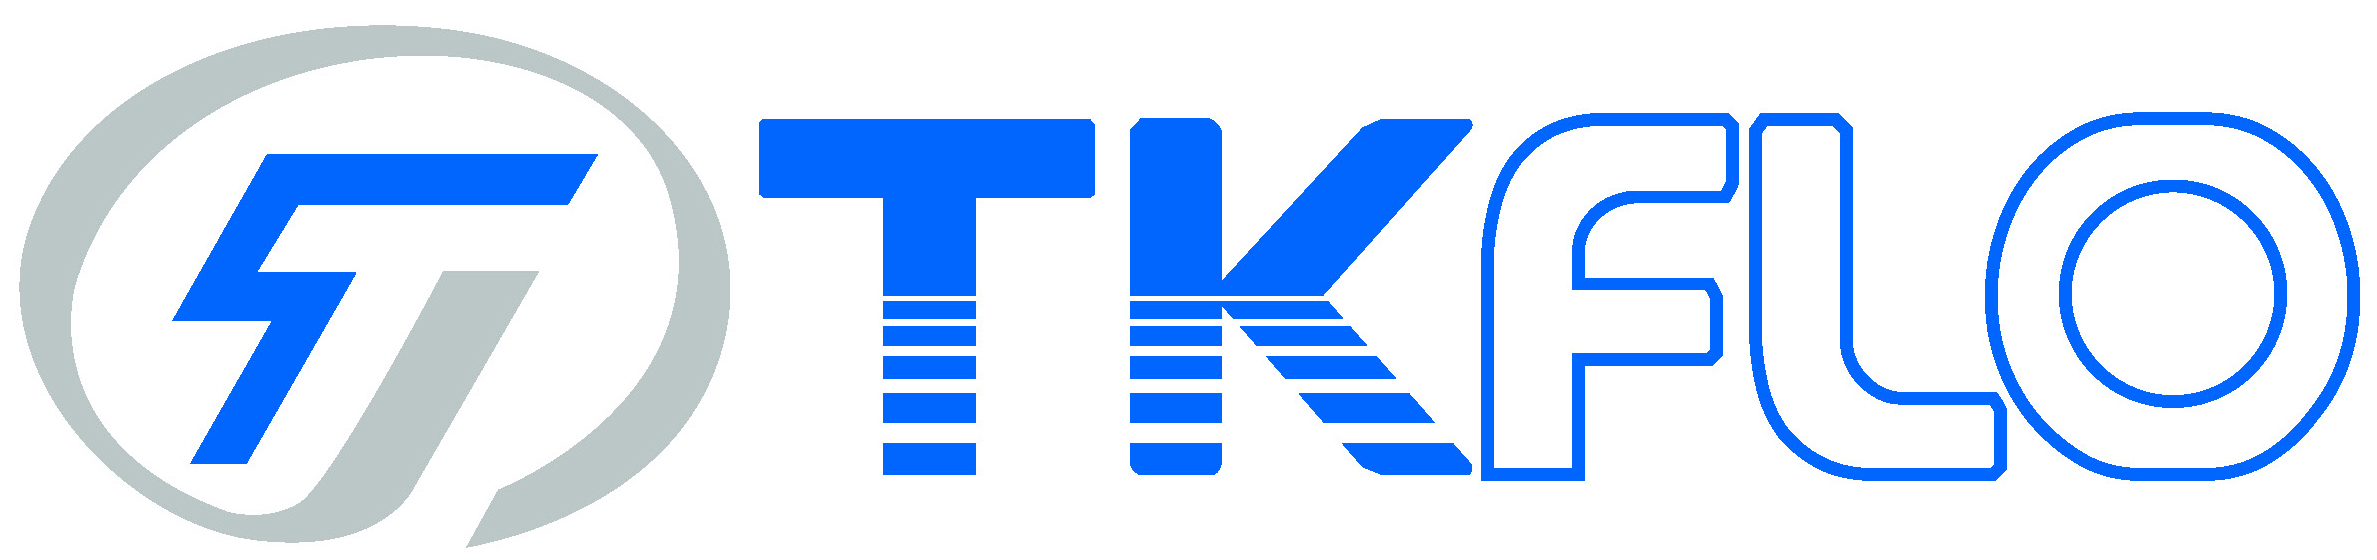 同沐logo.jpg